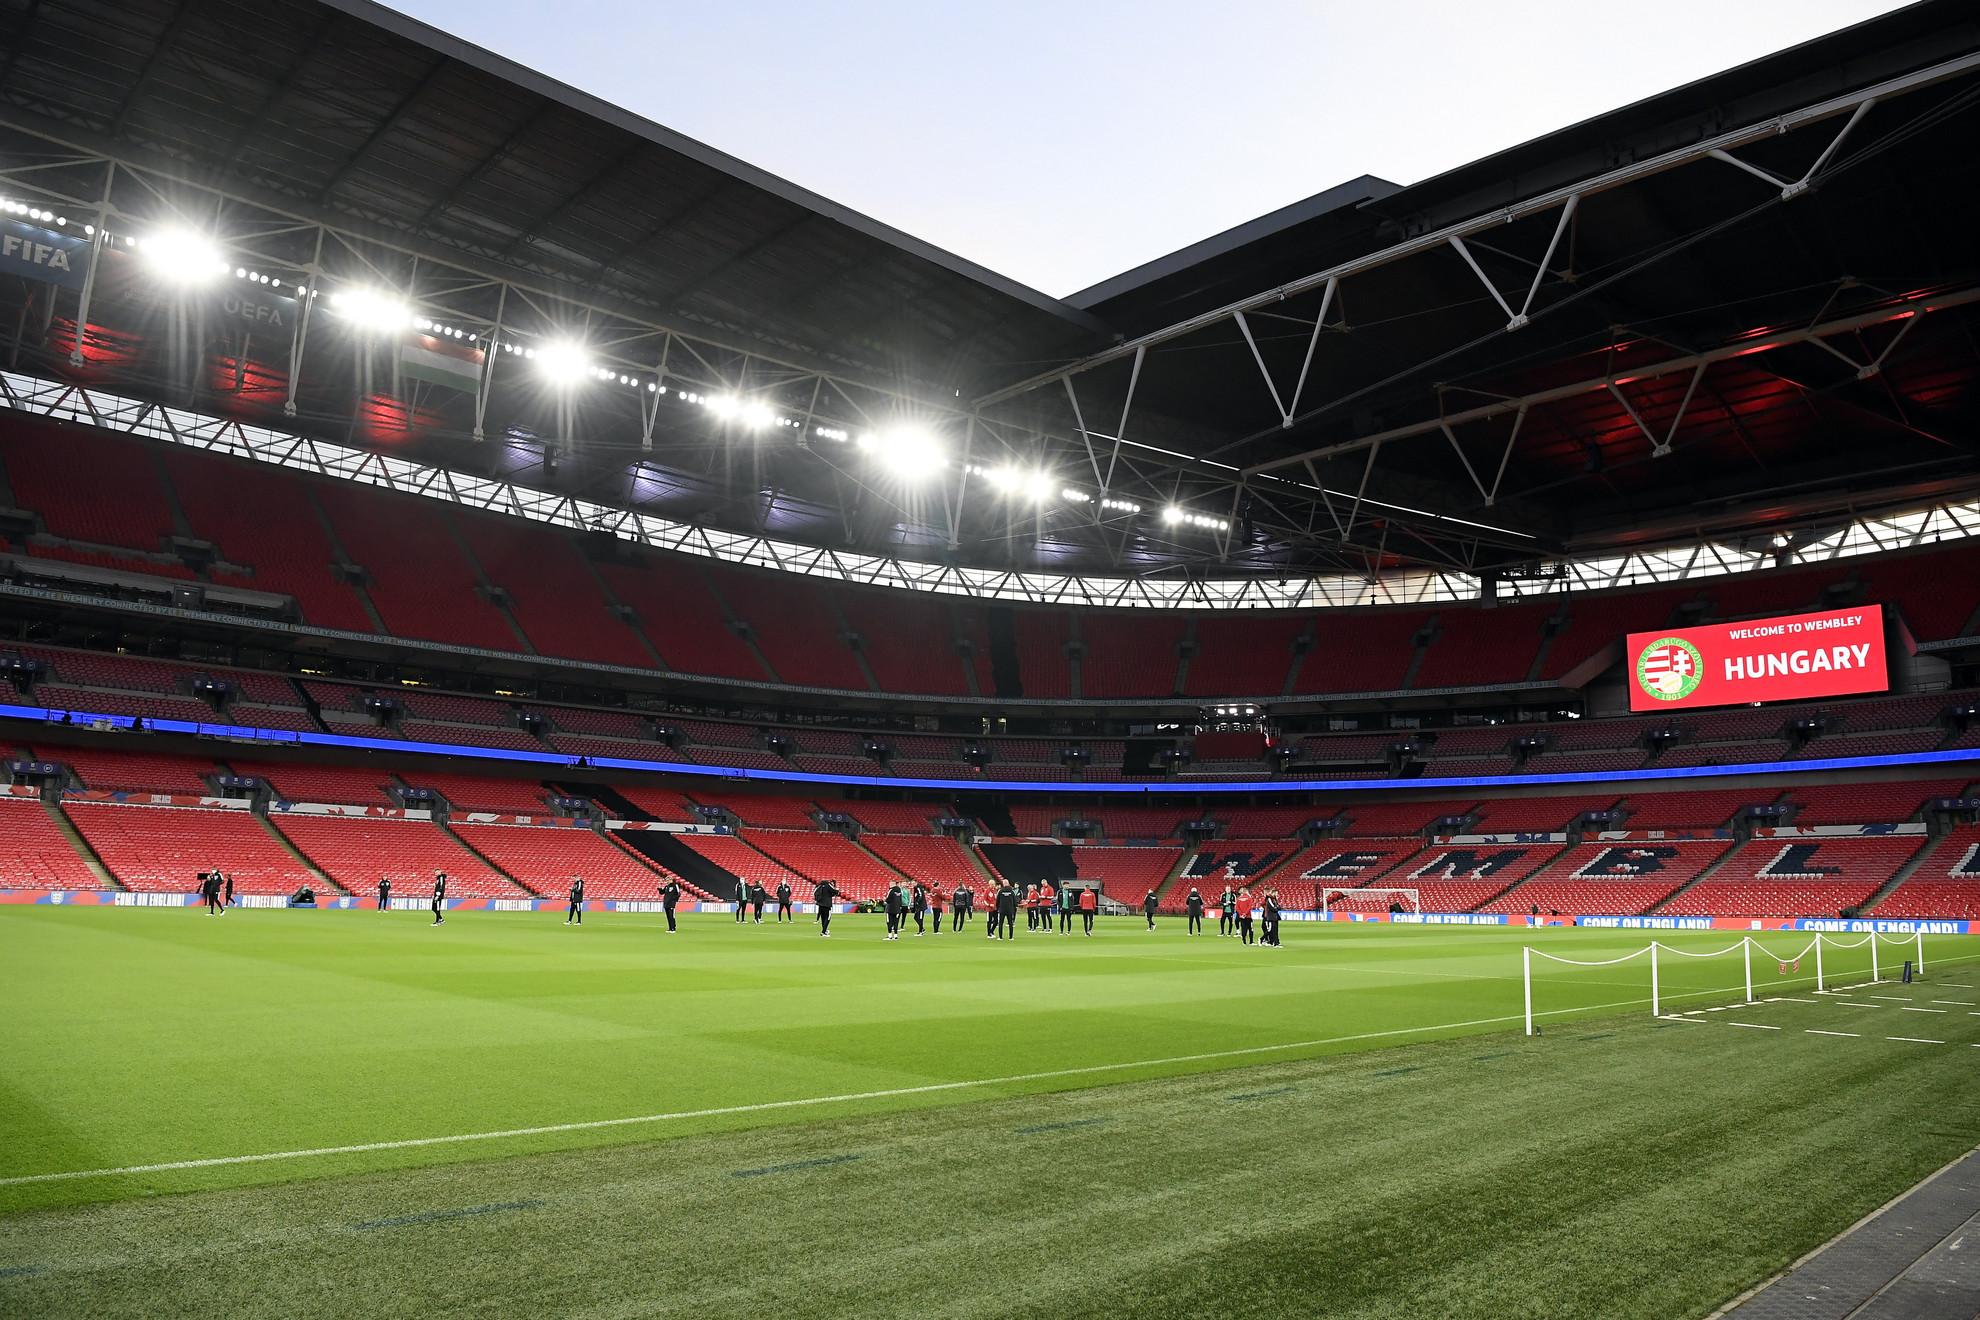 A magyar labdarúgó-válogatott játékosai a Wembley Stadionban tartott pályabejáráson Londonban 2021. október 11-én